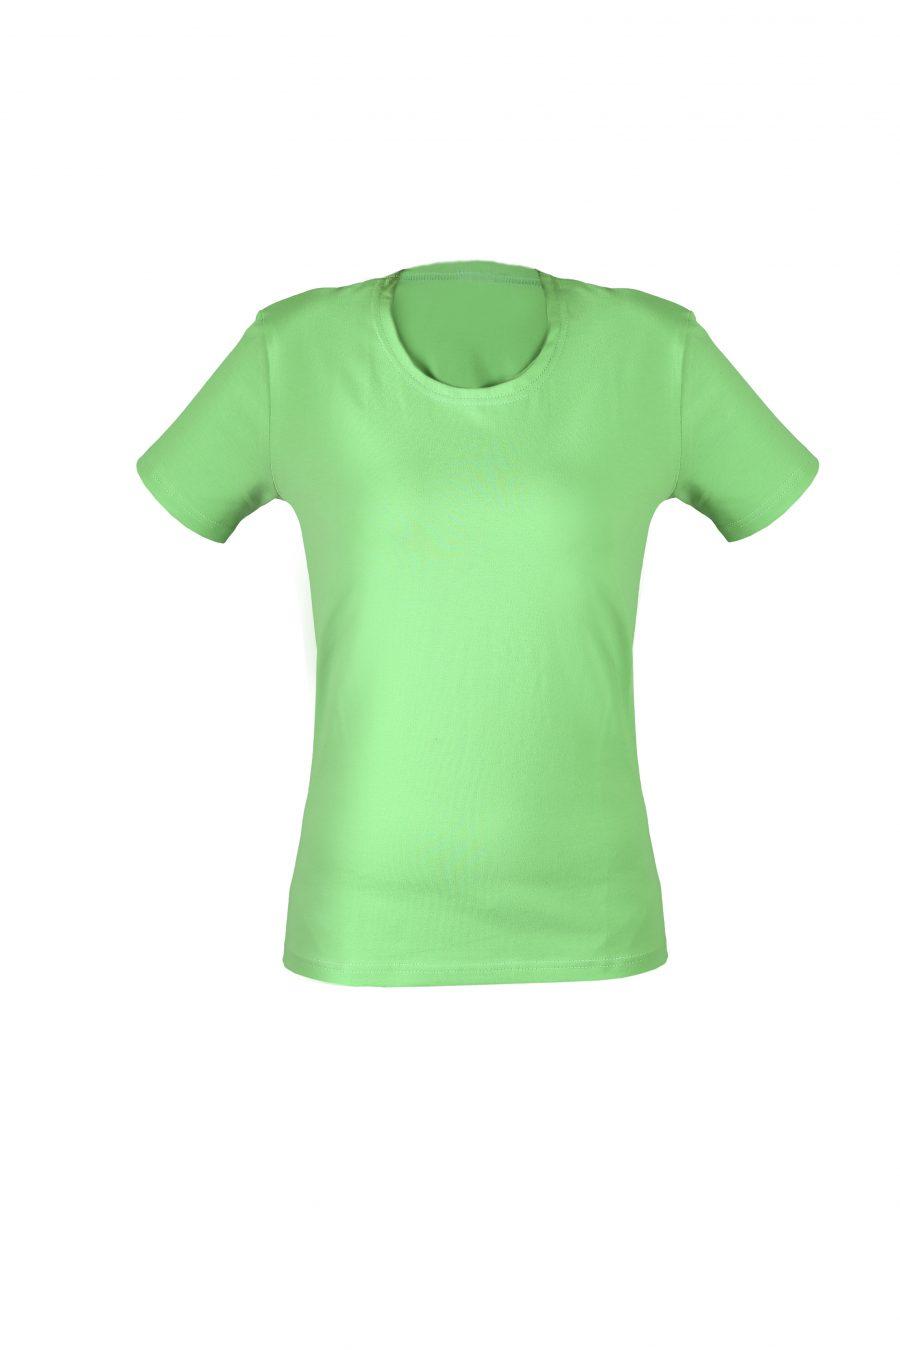 Футболка KANO Stretch W цвет: зеленое яблоко купить оптом,